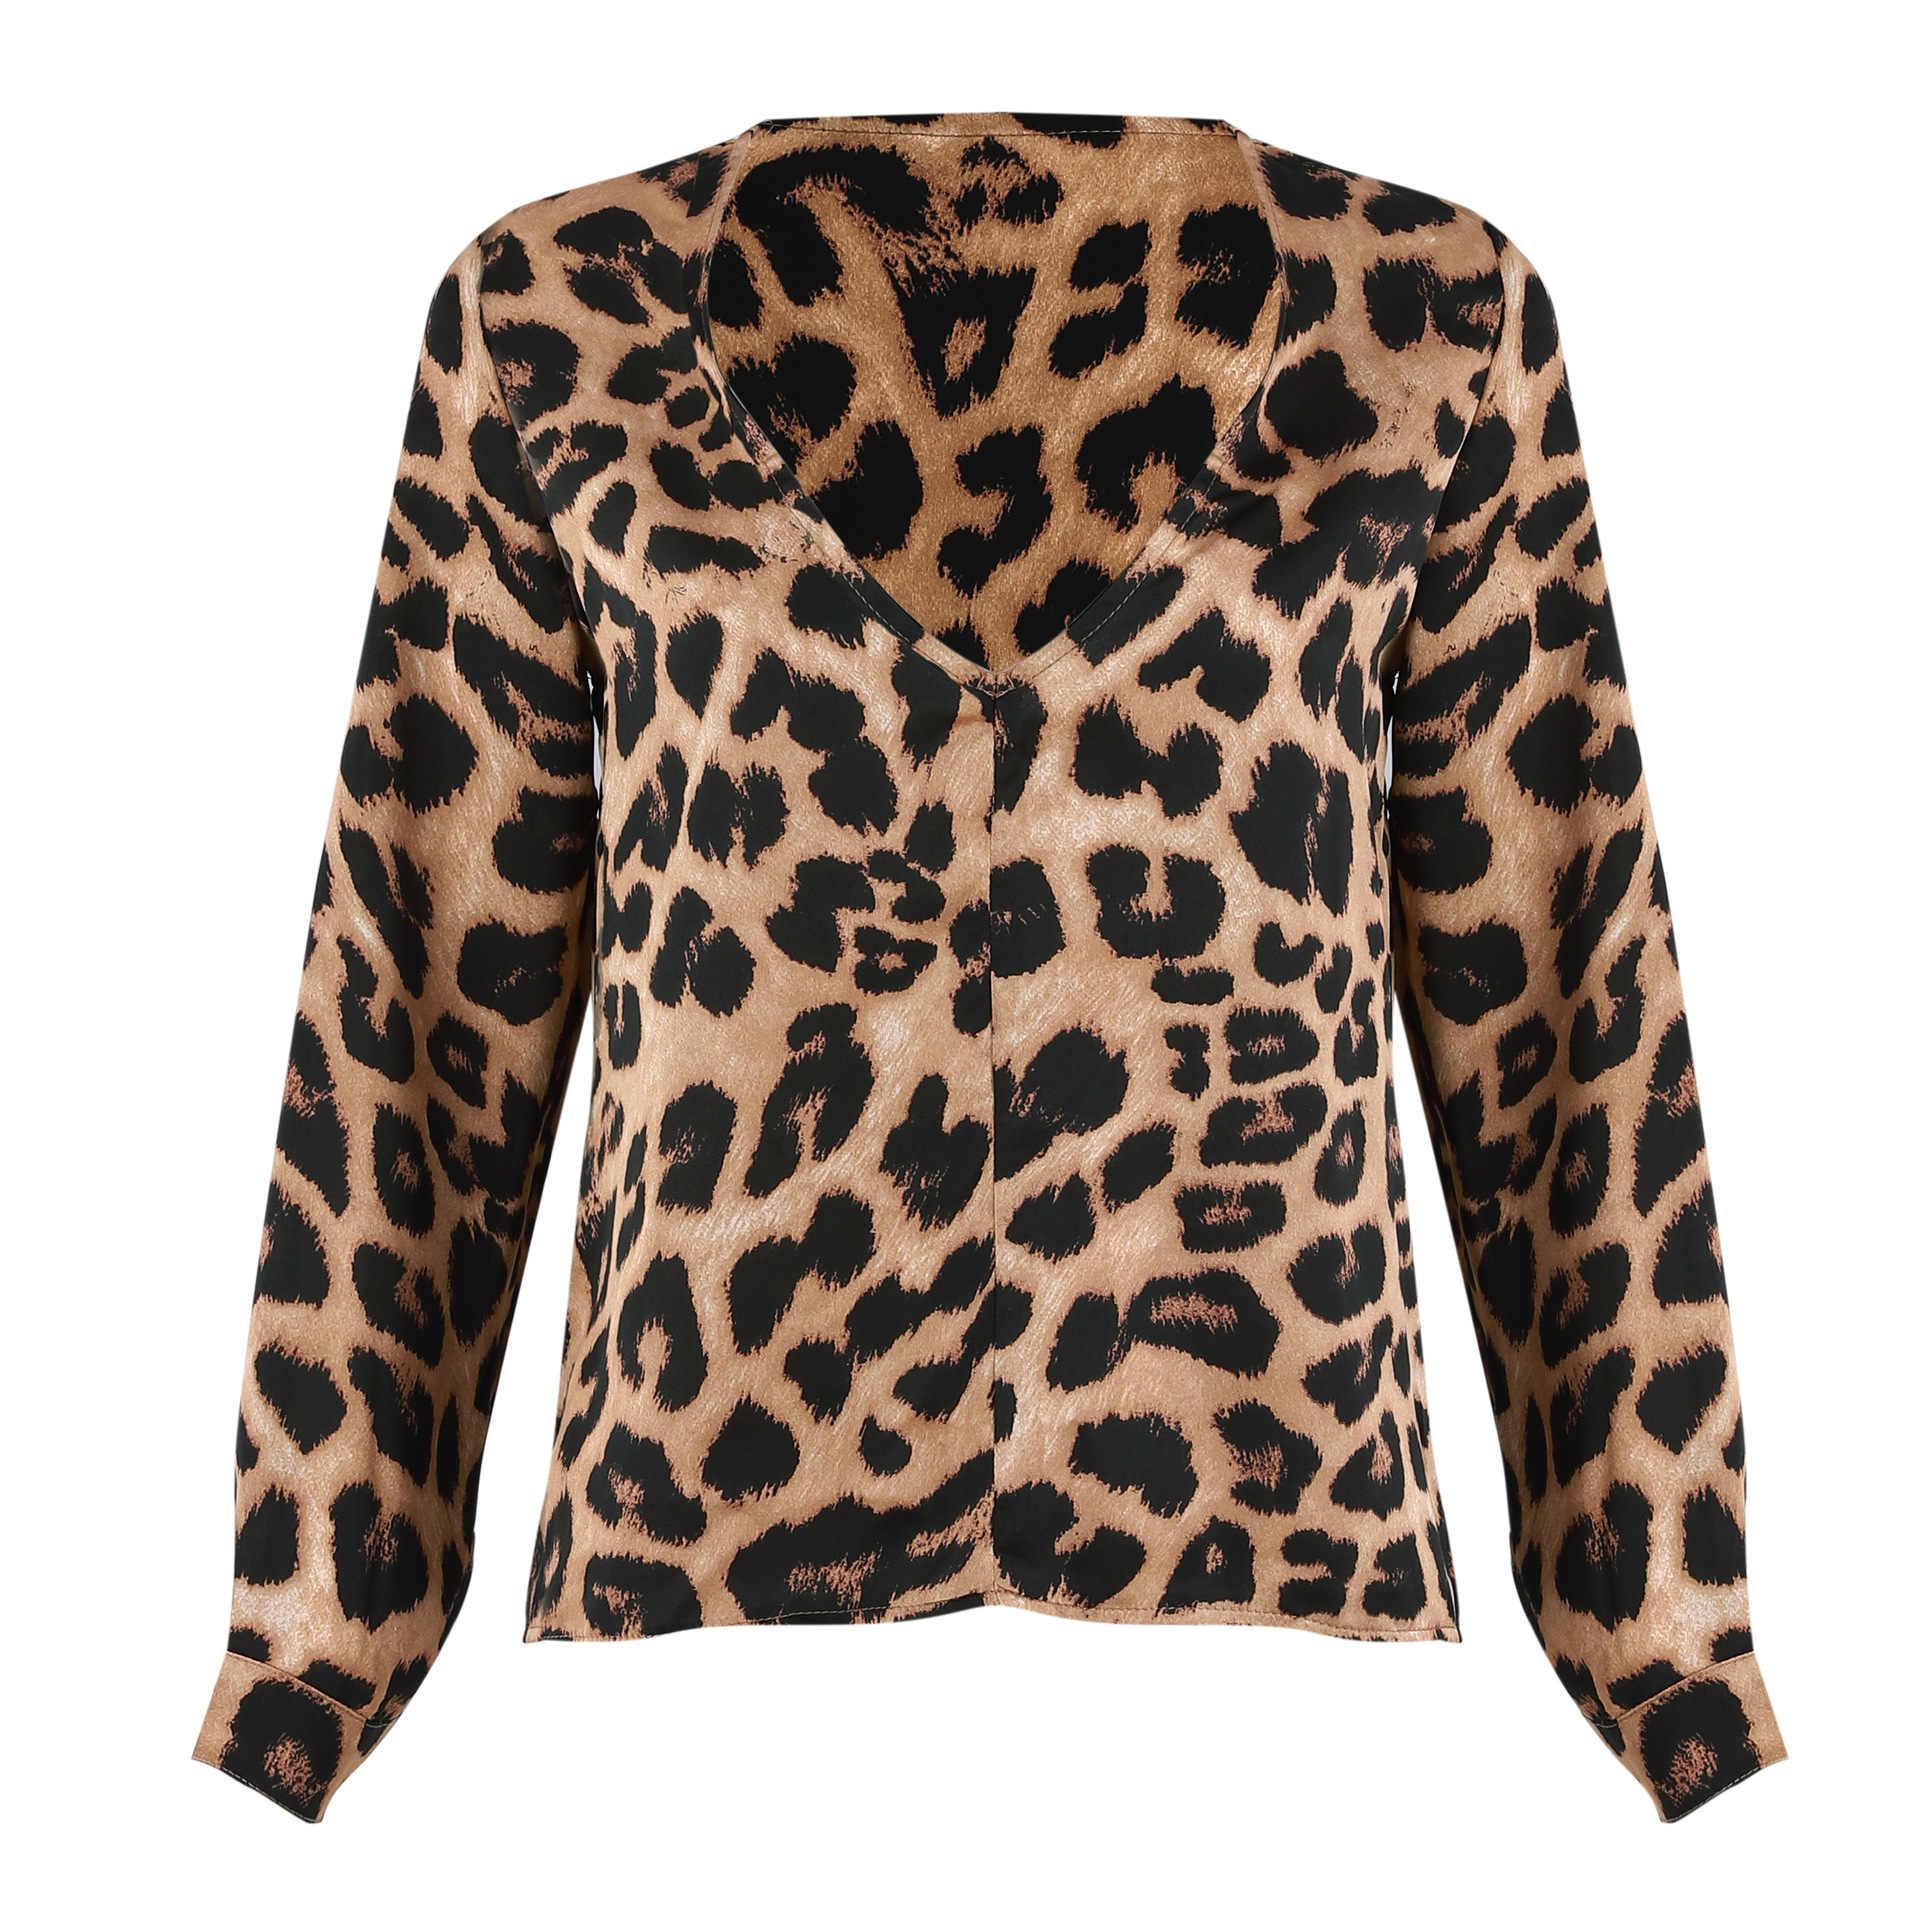 W stylu Vintage kobiety panie Leopard Print luźna z długim rękawem, dekolt w serek Sexy topy bluzki kobiet mody koszulki z krótkim rękawem bluzki Top odzież hot